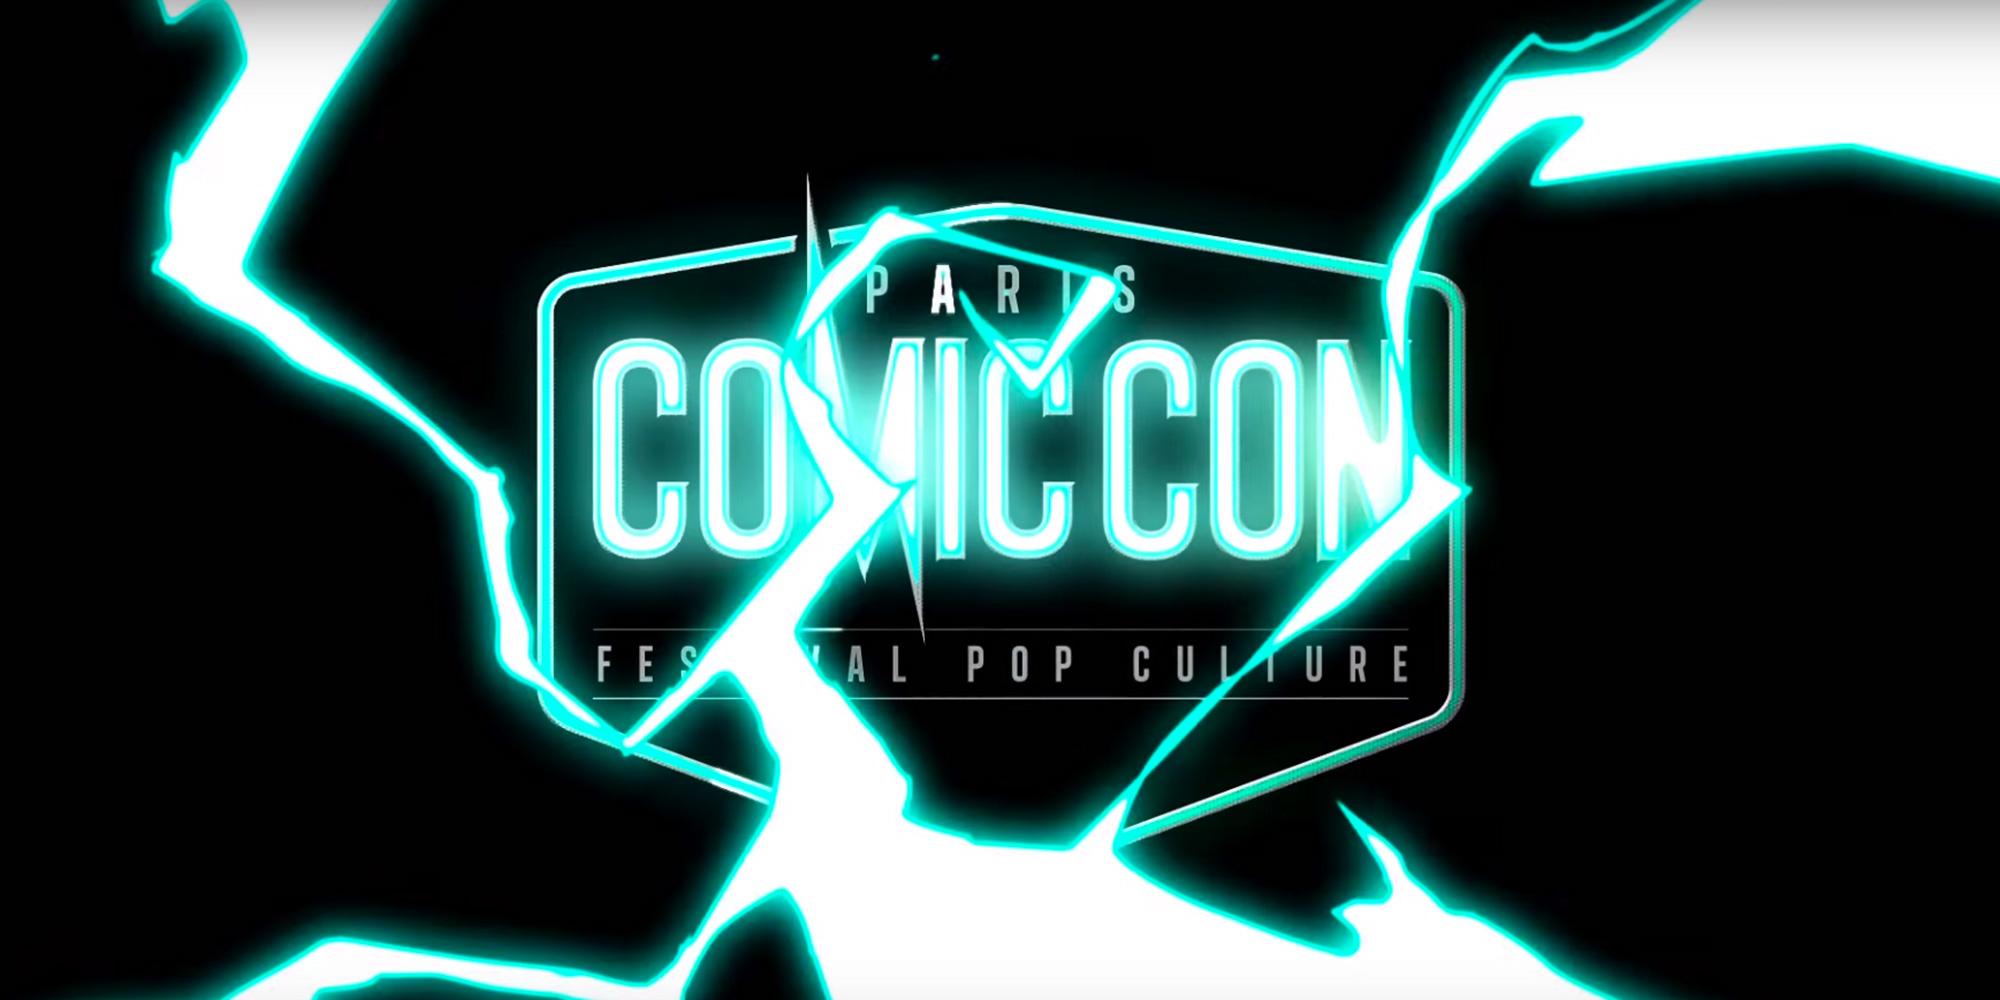 Le Comic Con Paris 2016 se dévoile !